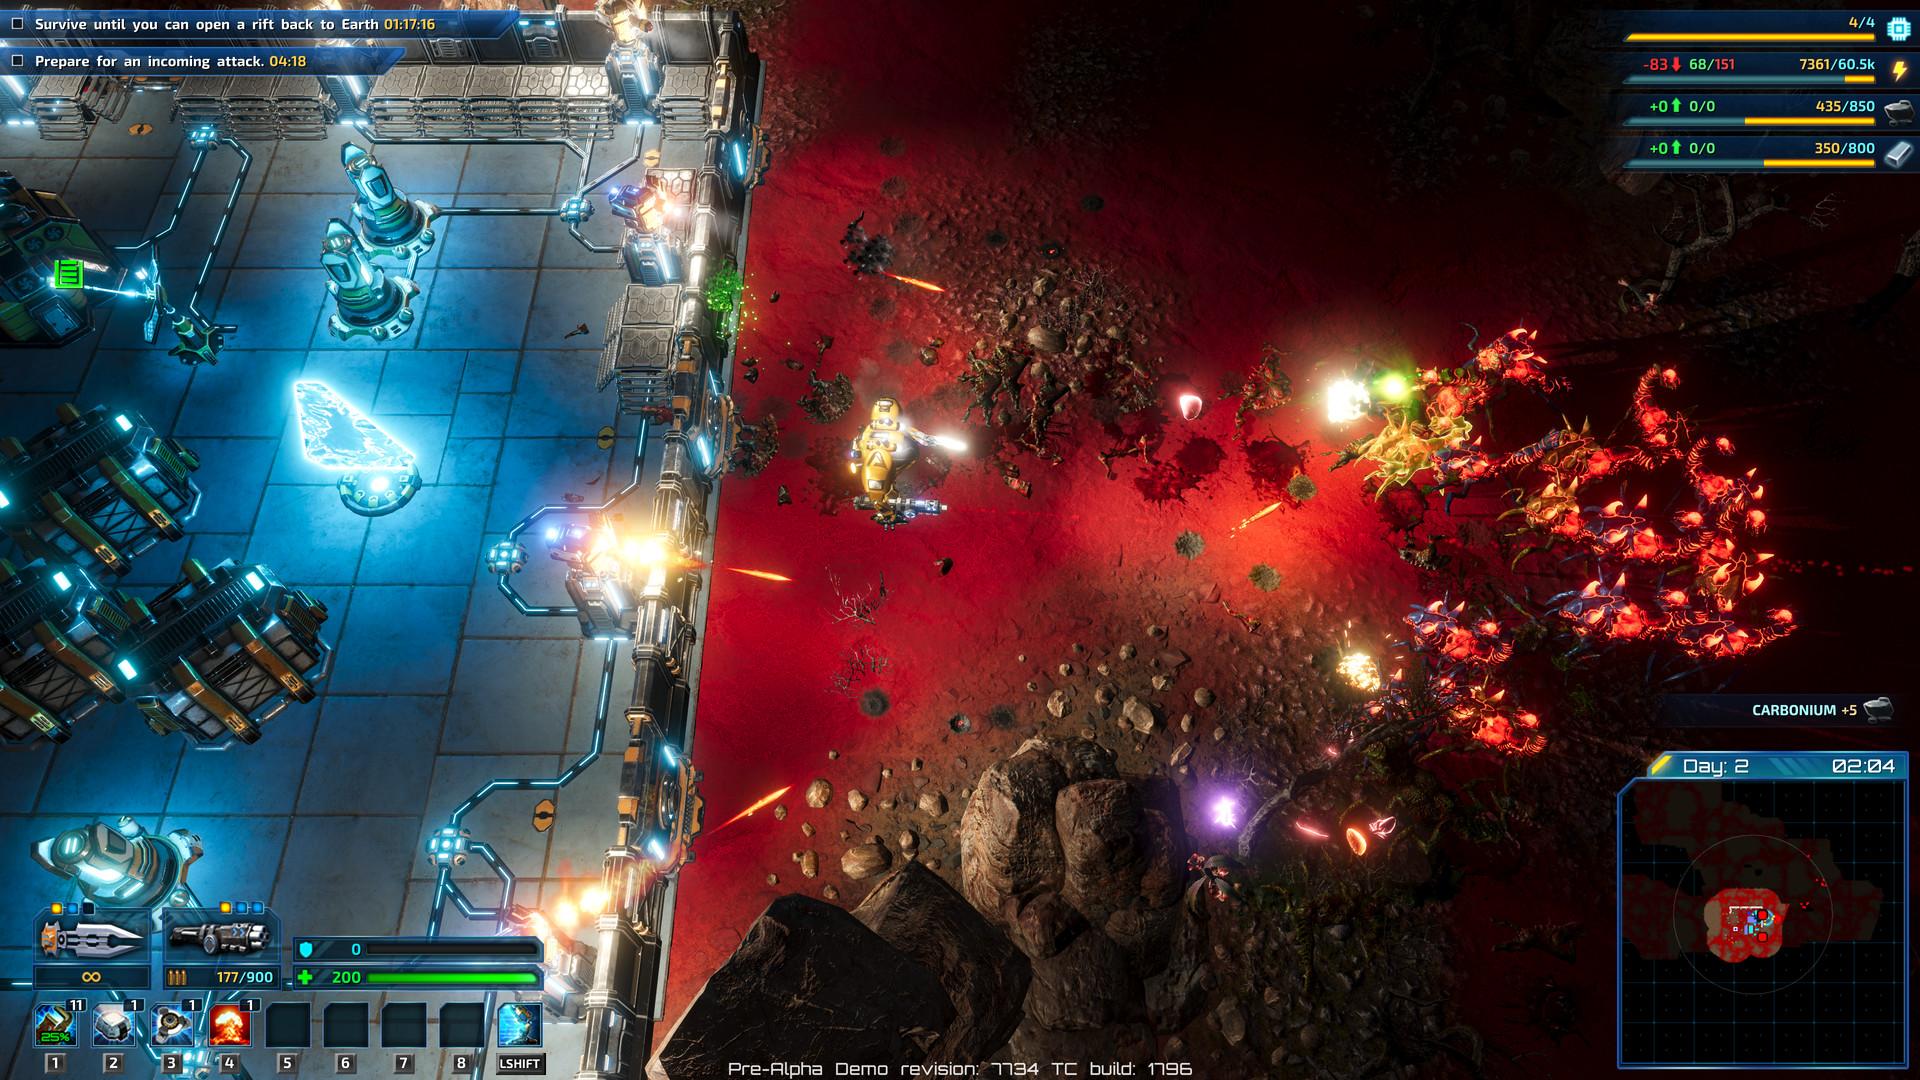 《银河破裂者》Steam首发价80元,超超超长发售预告片放出